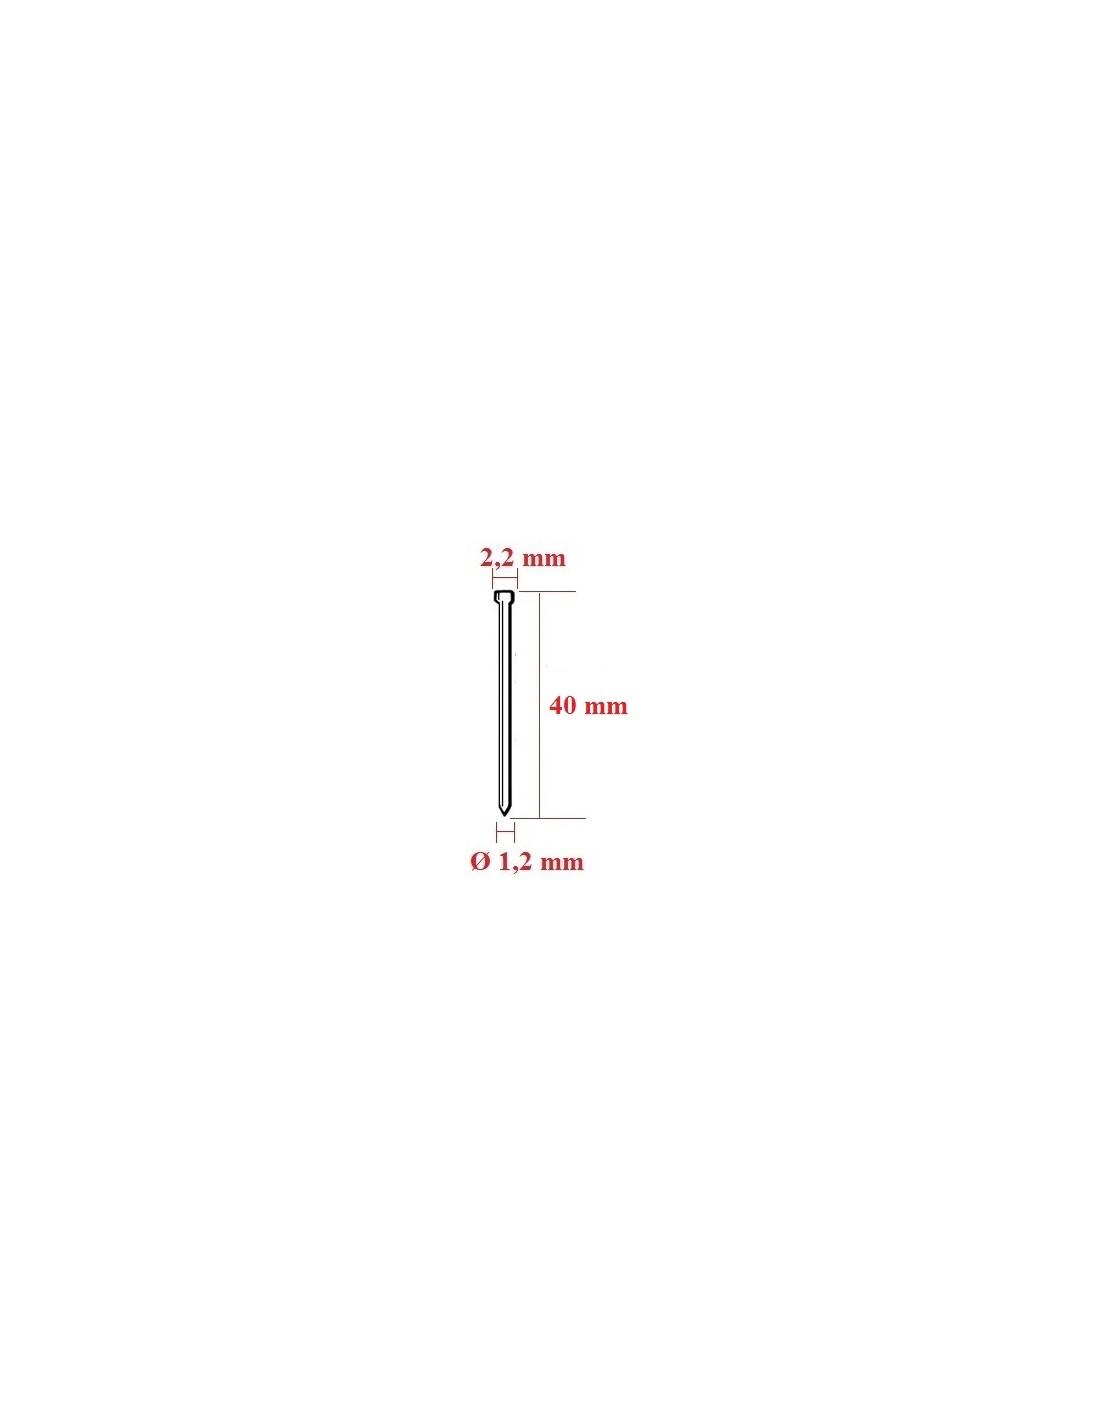 Cuie cu cap matritat tip F cu lungimea de 40 mm - dimensiuni